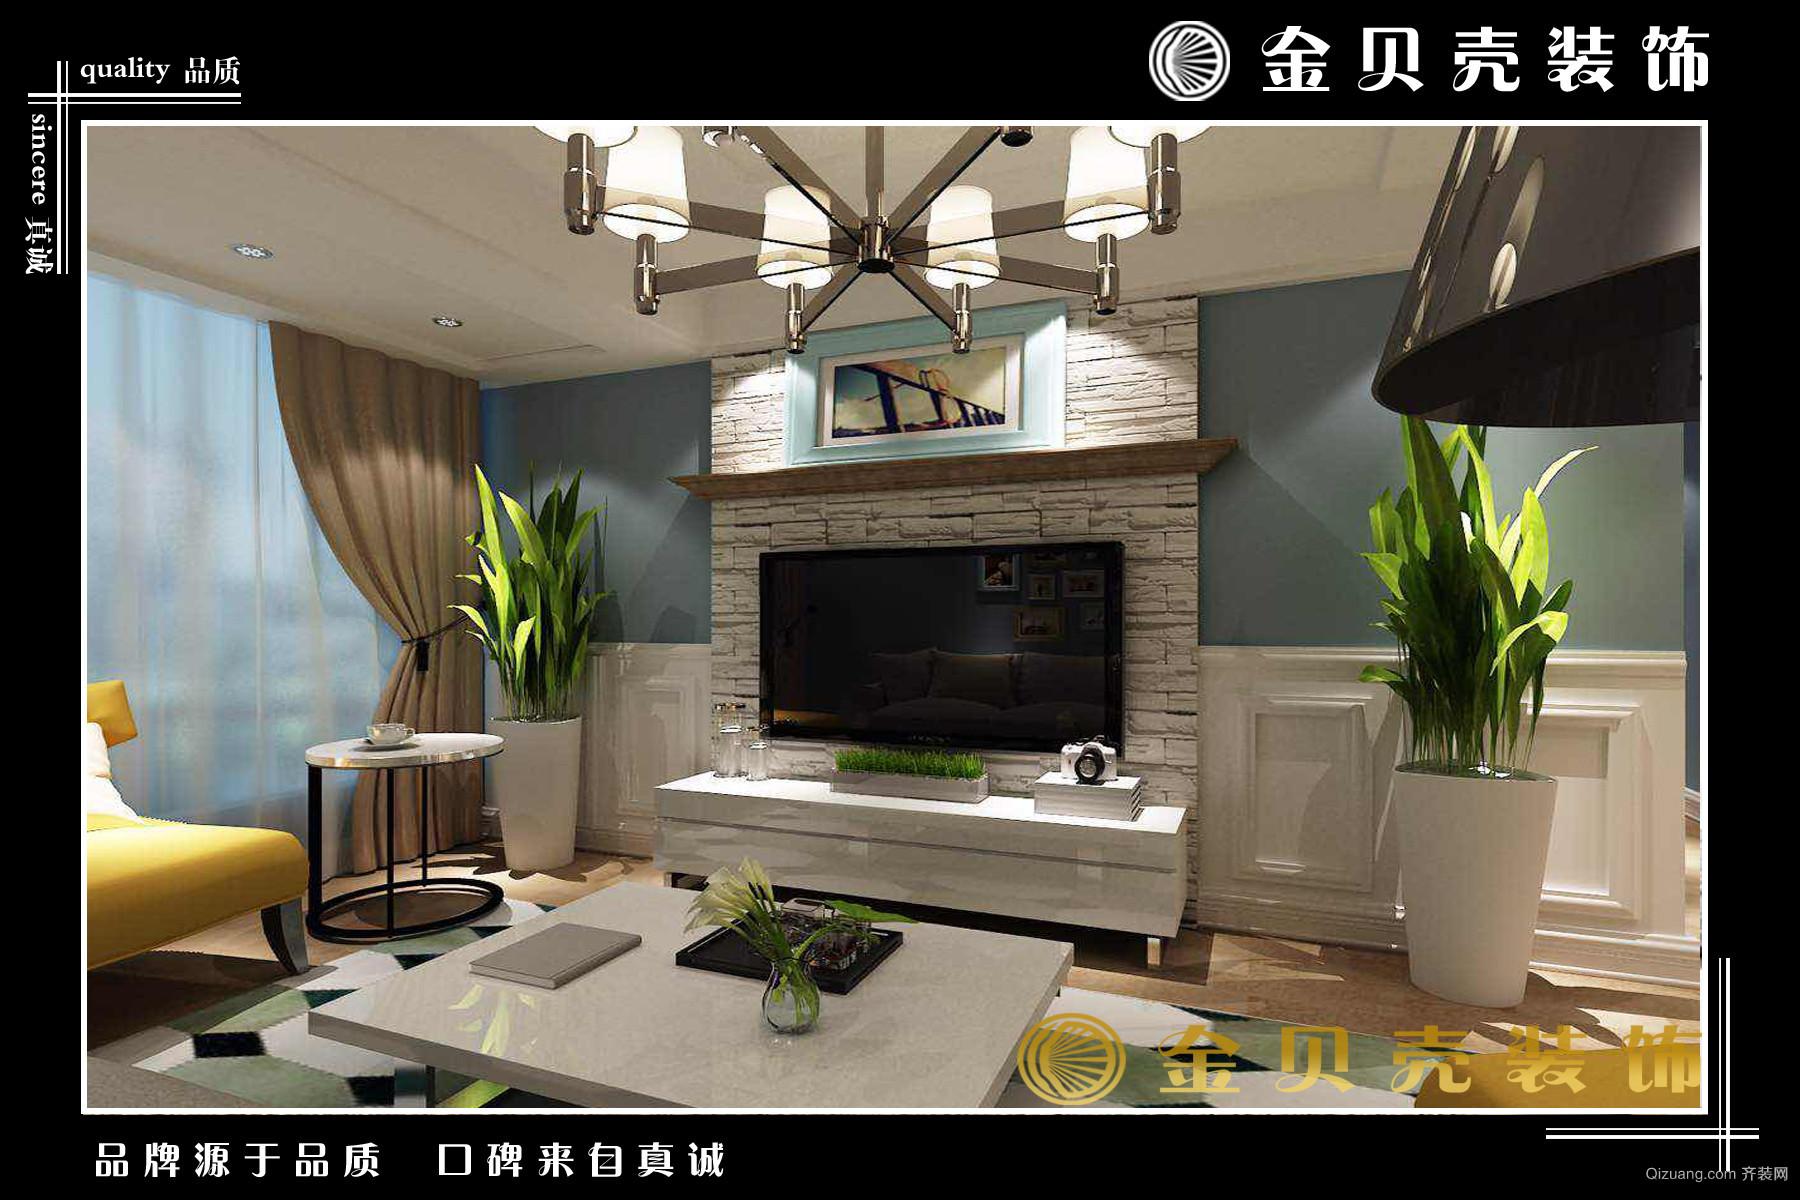 上海之春混搭风格装修效果图实景图